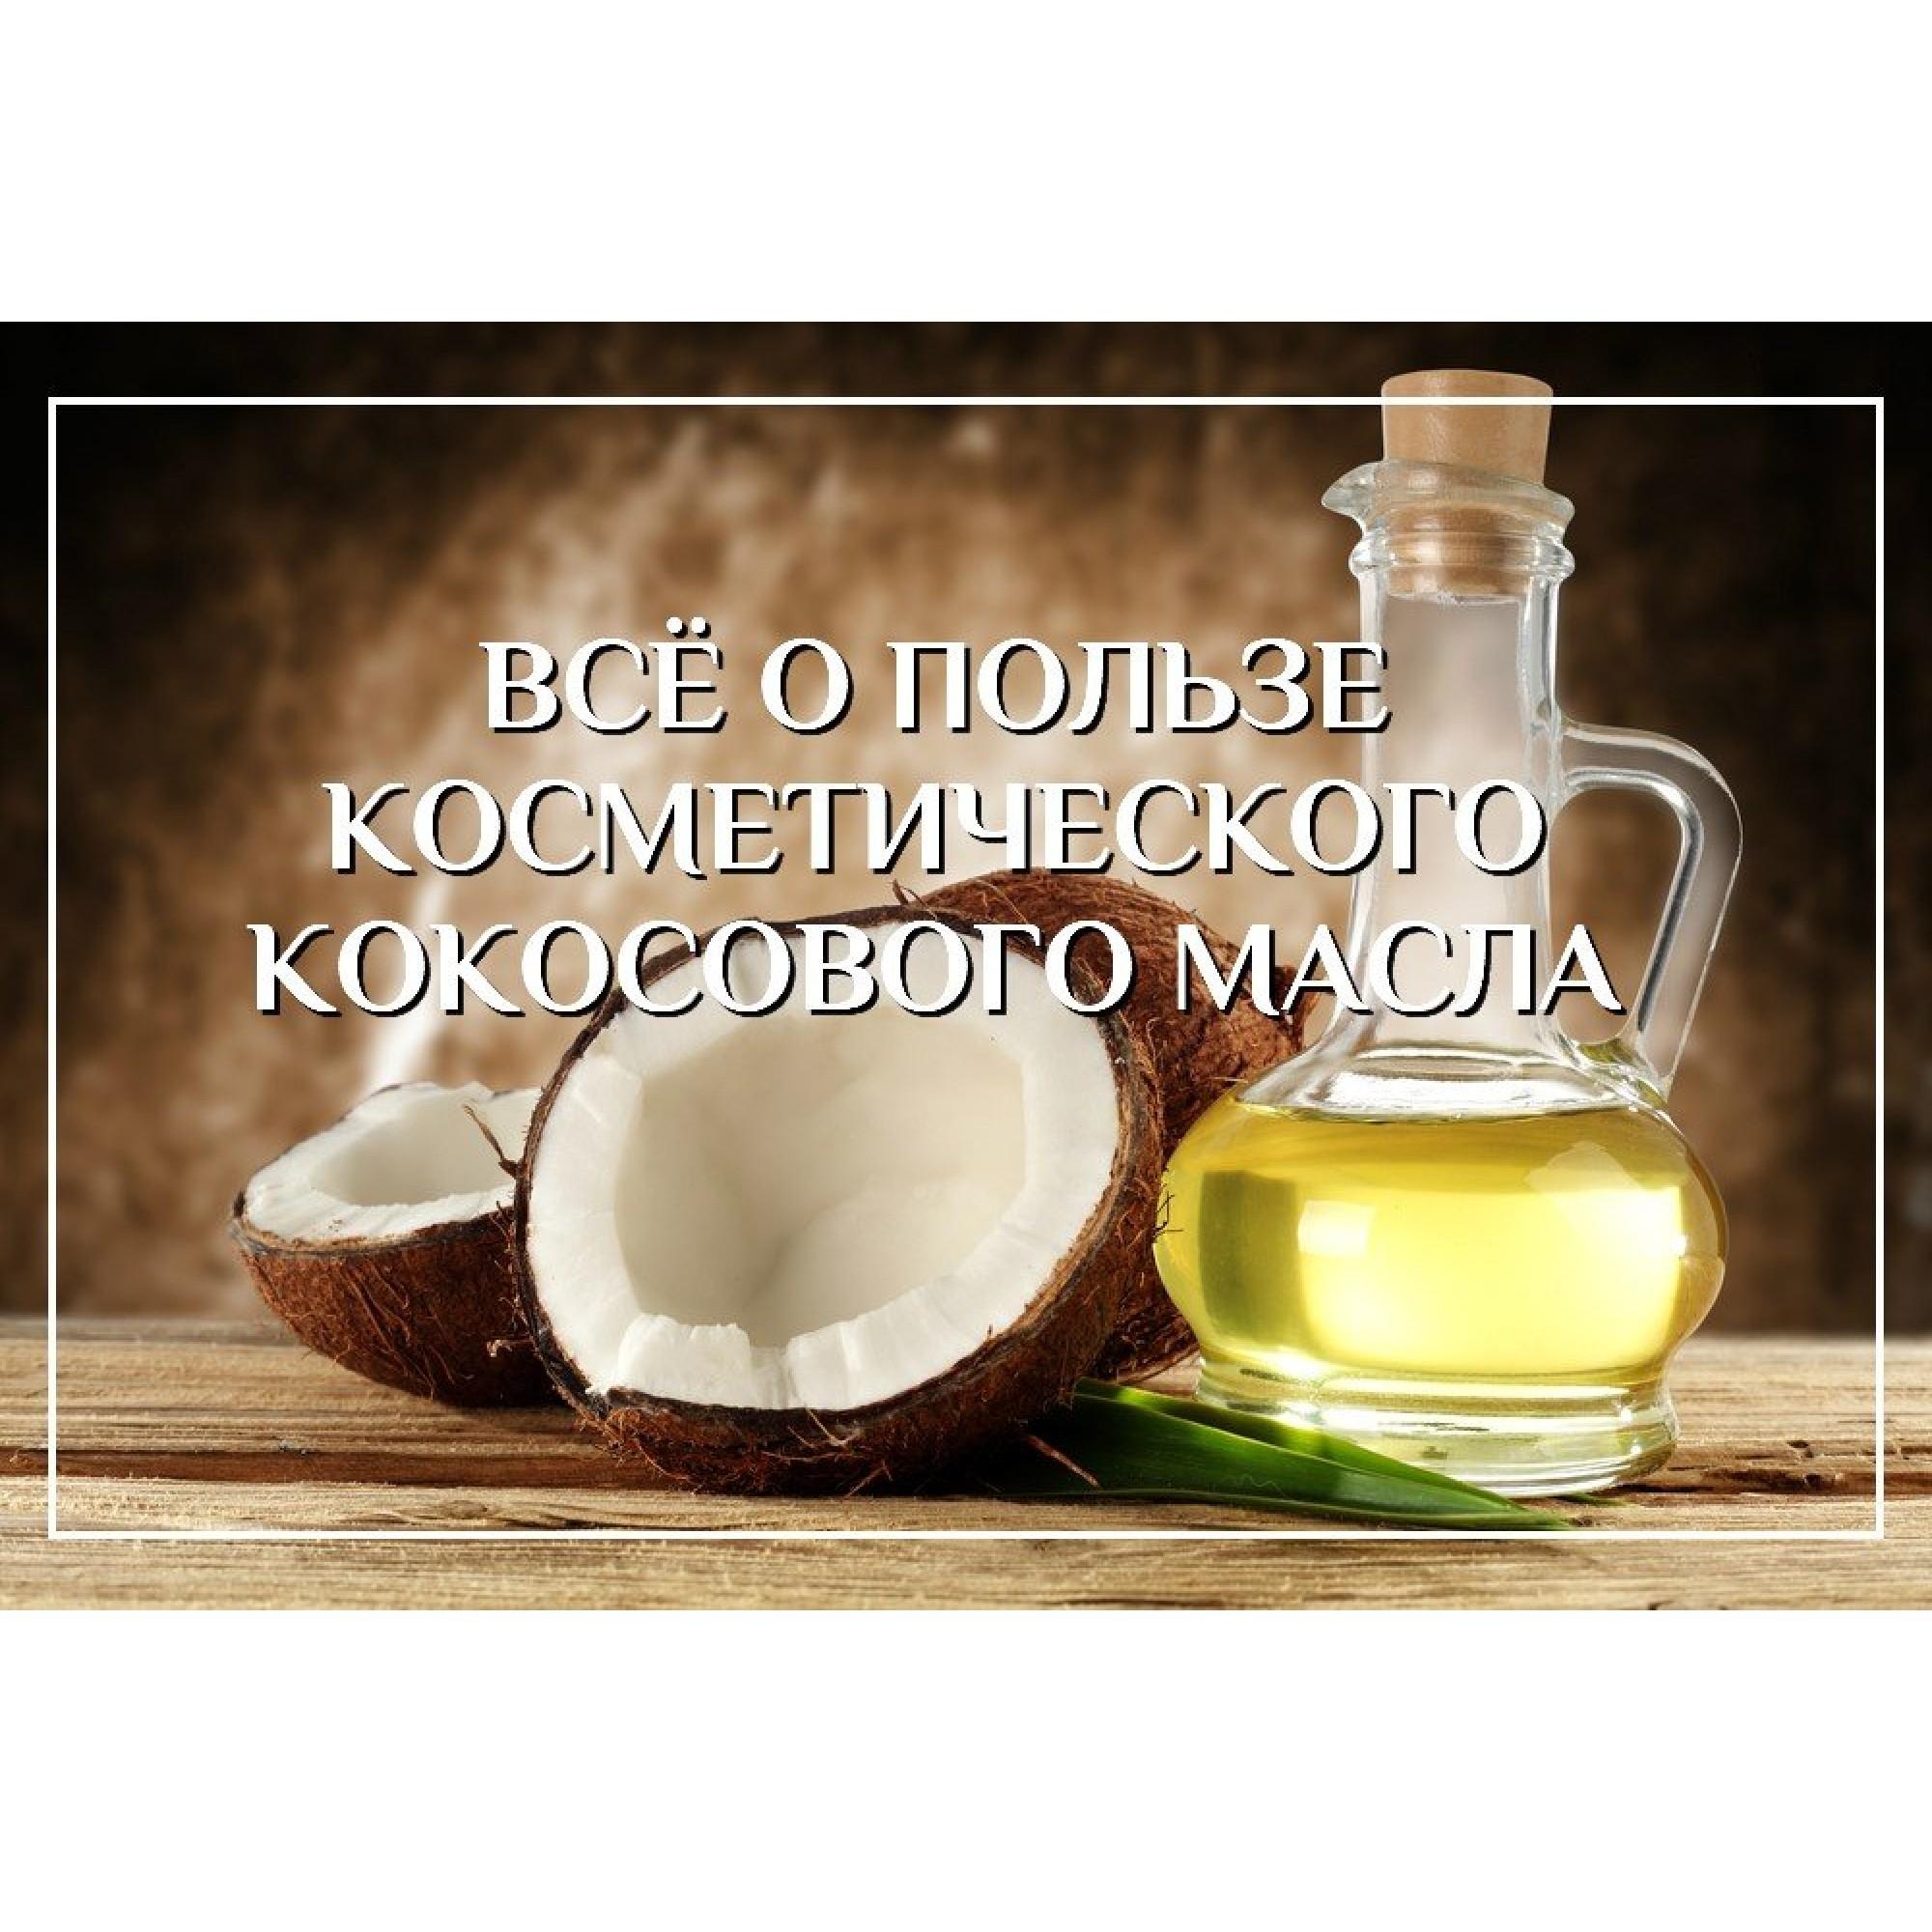 Кокосовое масло для еды - вред и польза, применение в пищу, рецепты, чем можно заменить